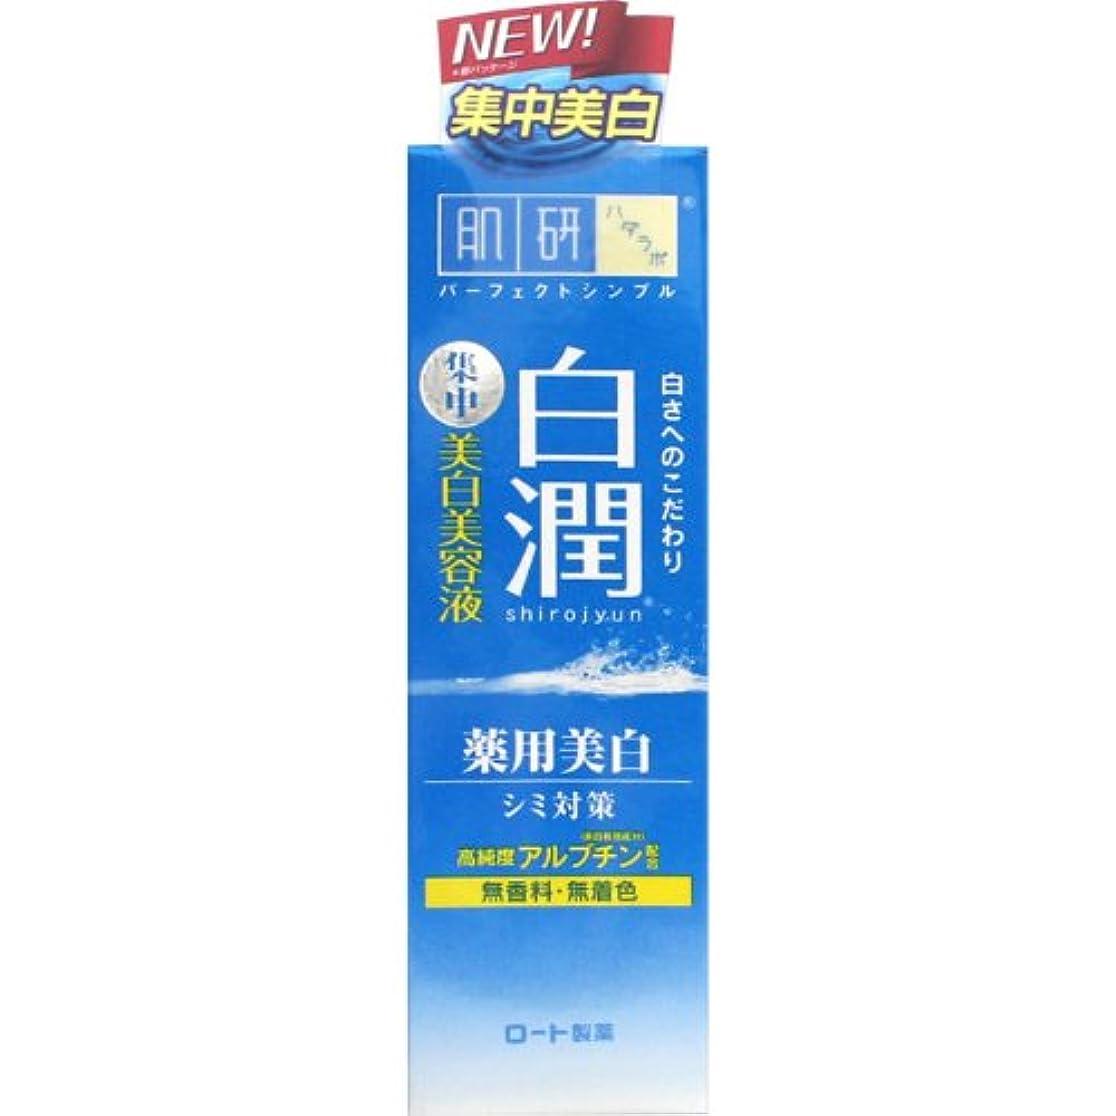 【医薬部外品】肌研(ハダラボ) 白潤 薬用美白美容液 30g